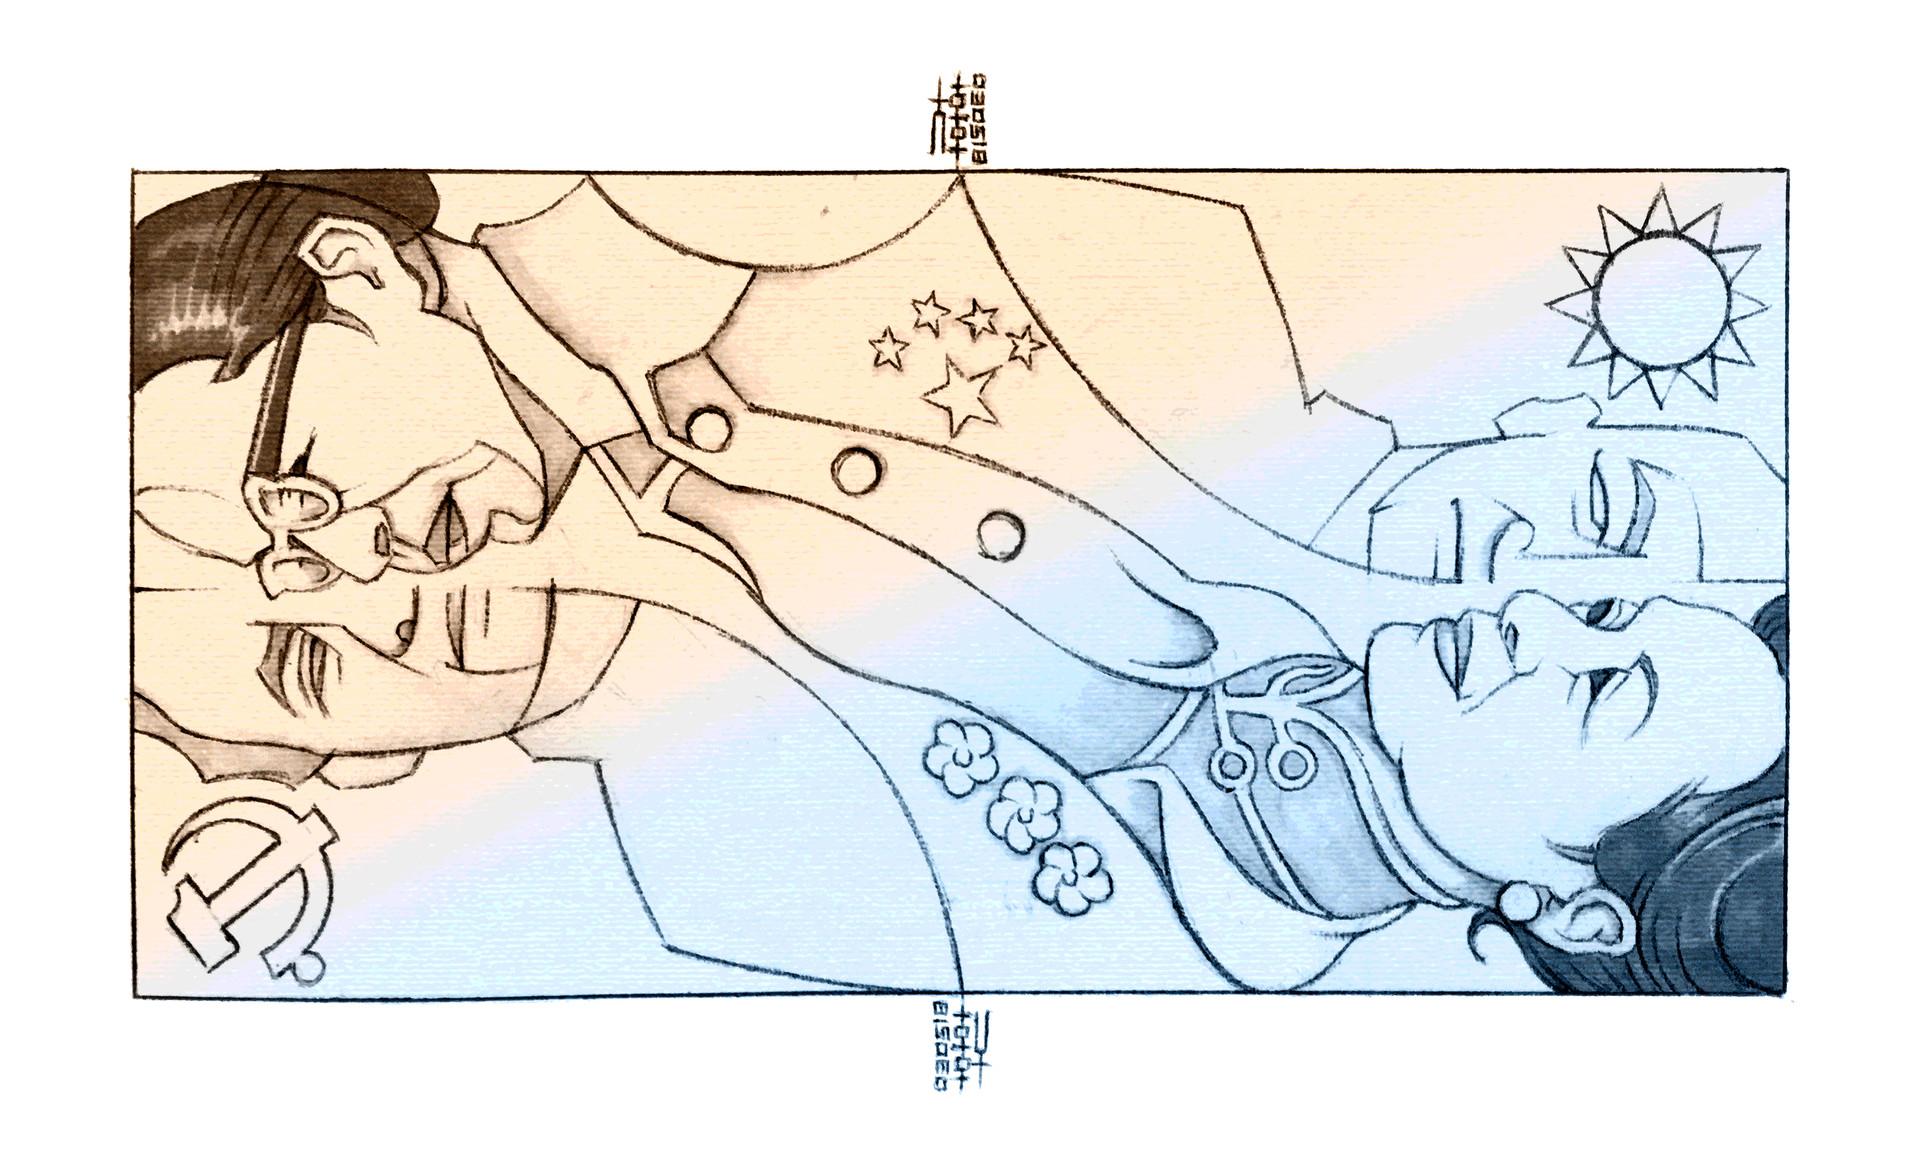 E lynx lin soong jiang